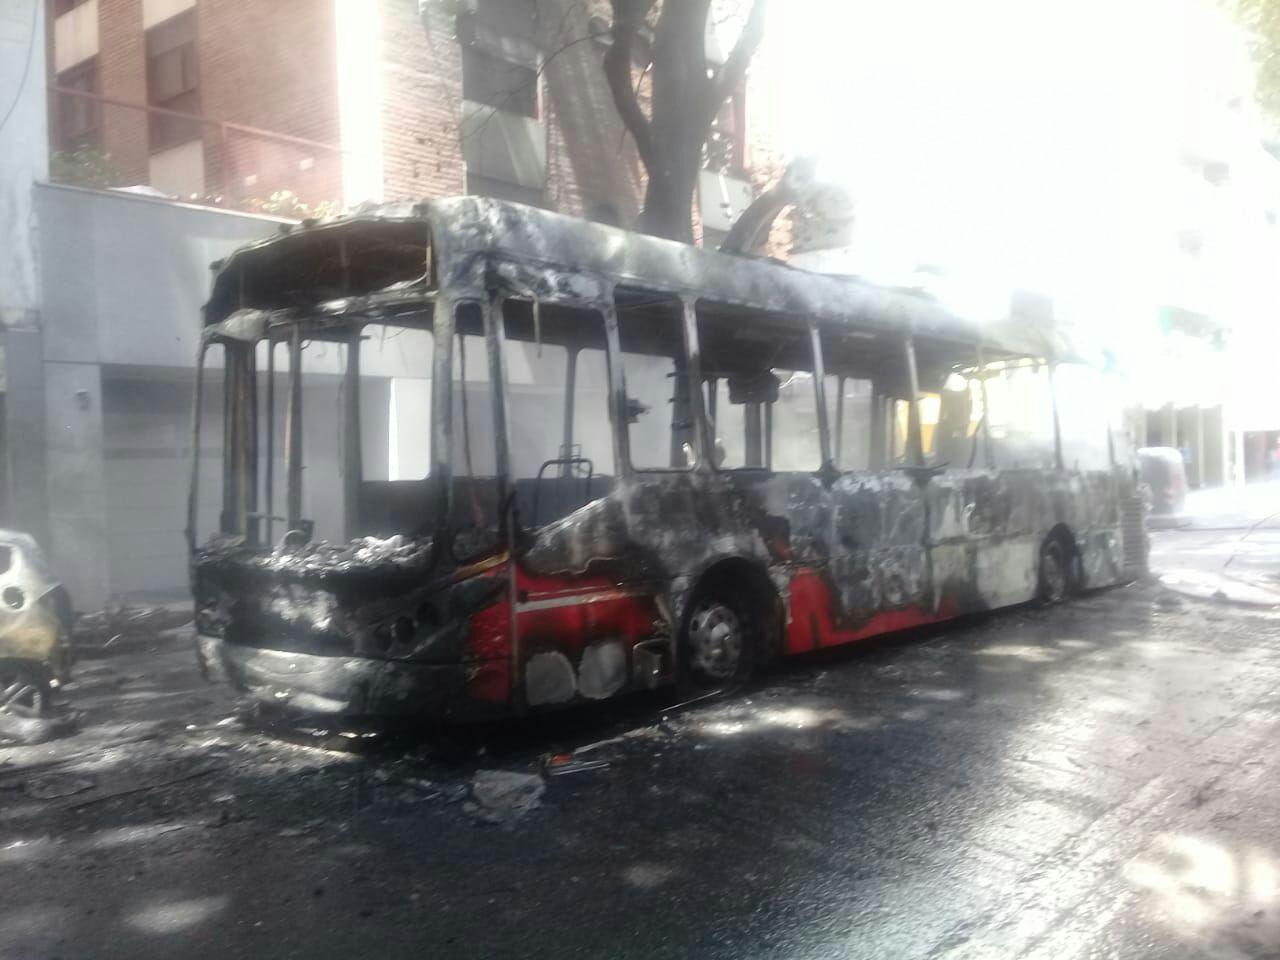 Un colectivo se incendió, pero los pasajeros lograron escapar de las llamas a tiempo